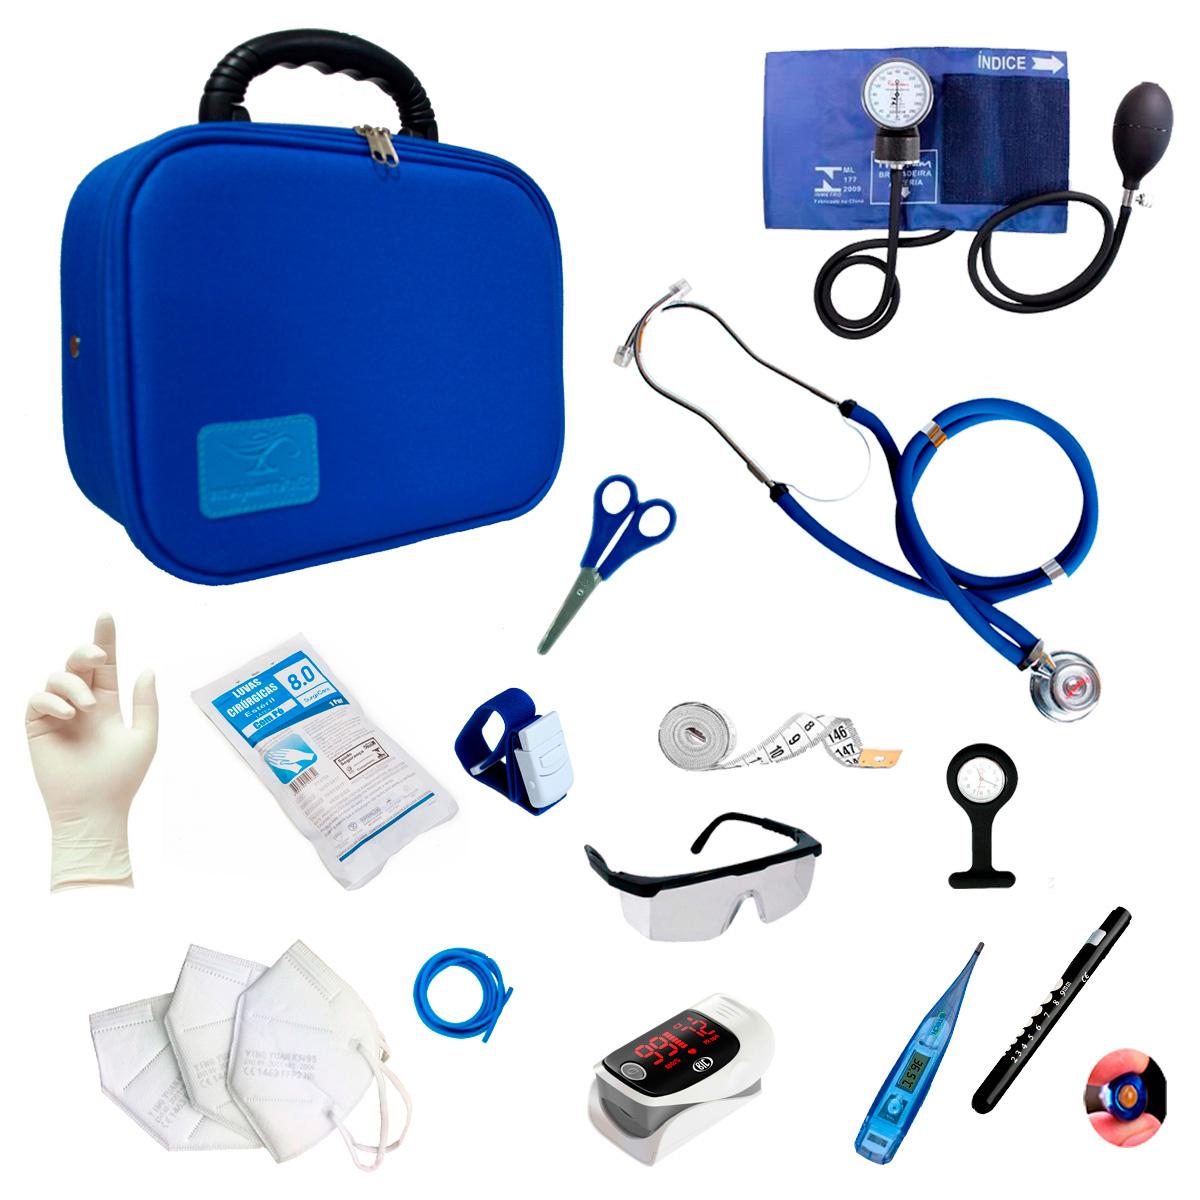 Kit Enfermagem Completo Com Oxímetro E Maleta Acadêmica Luxo Cor:Azul